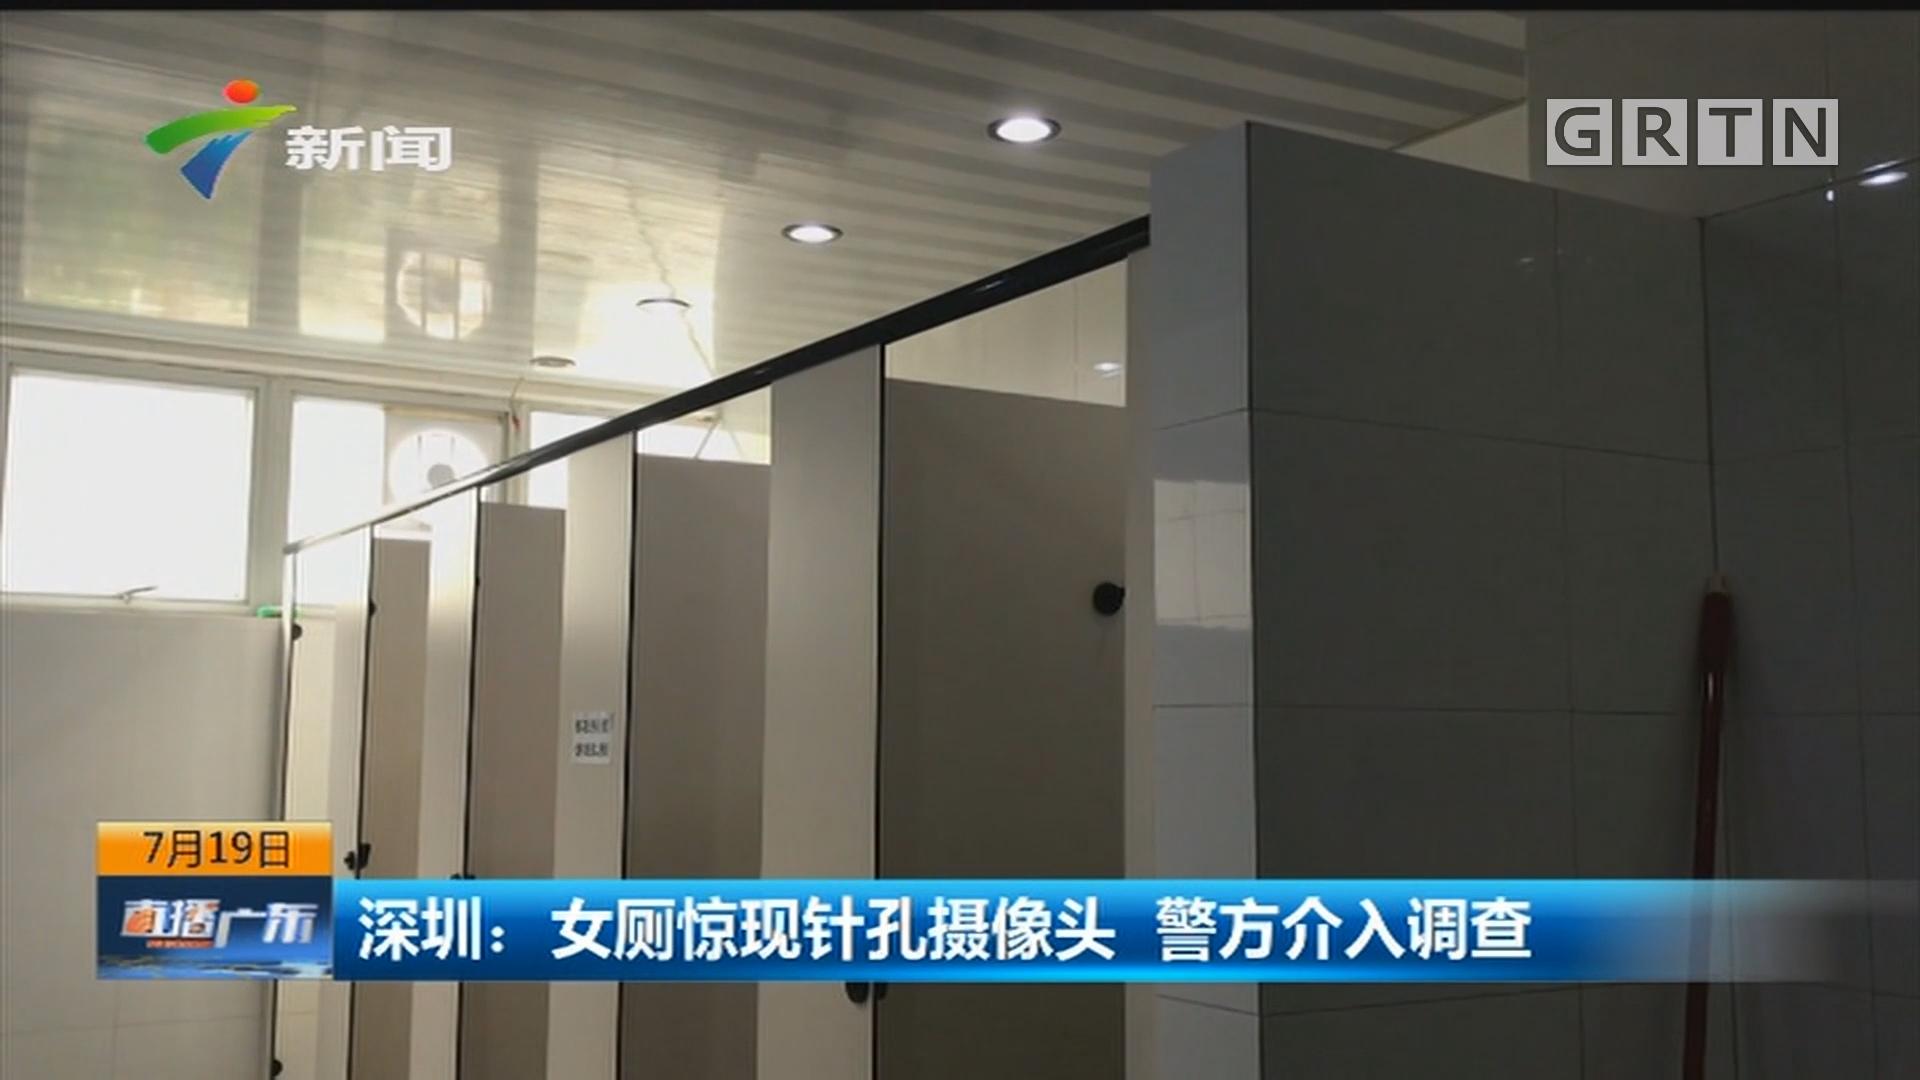 深圳:女厕惊现针孔摄像头 警方介入调查